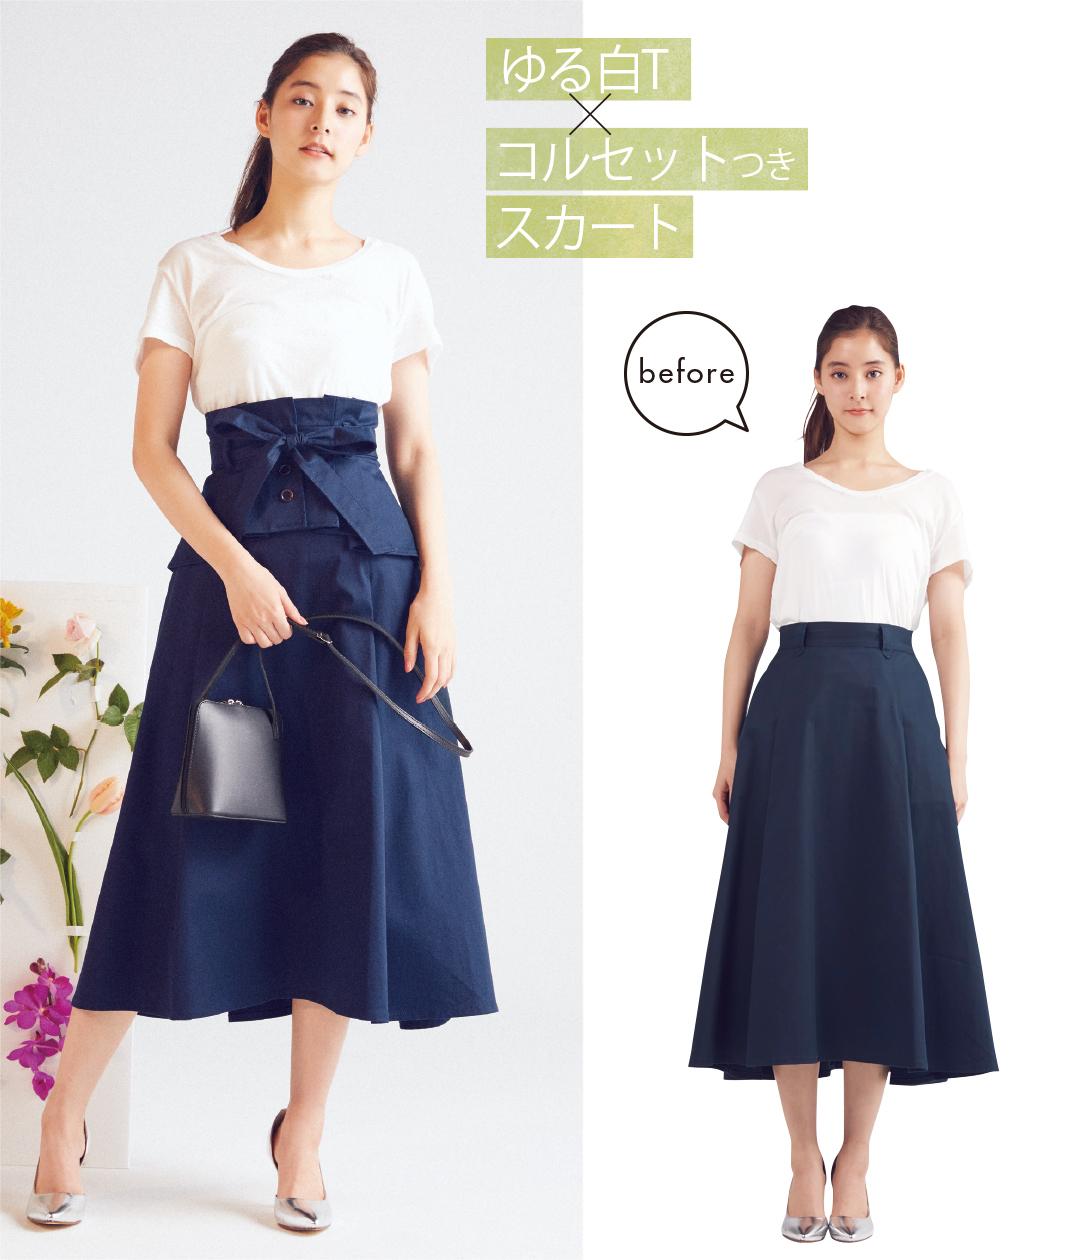 新木優子が着る♡ 春は「ウエスト高めコーデ」で簡単スタイルアップ!_1_1-1